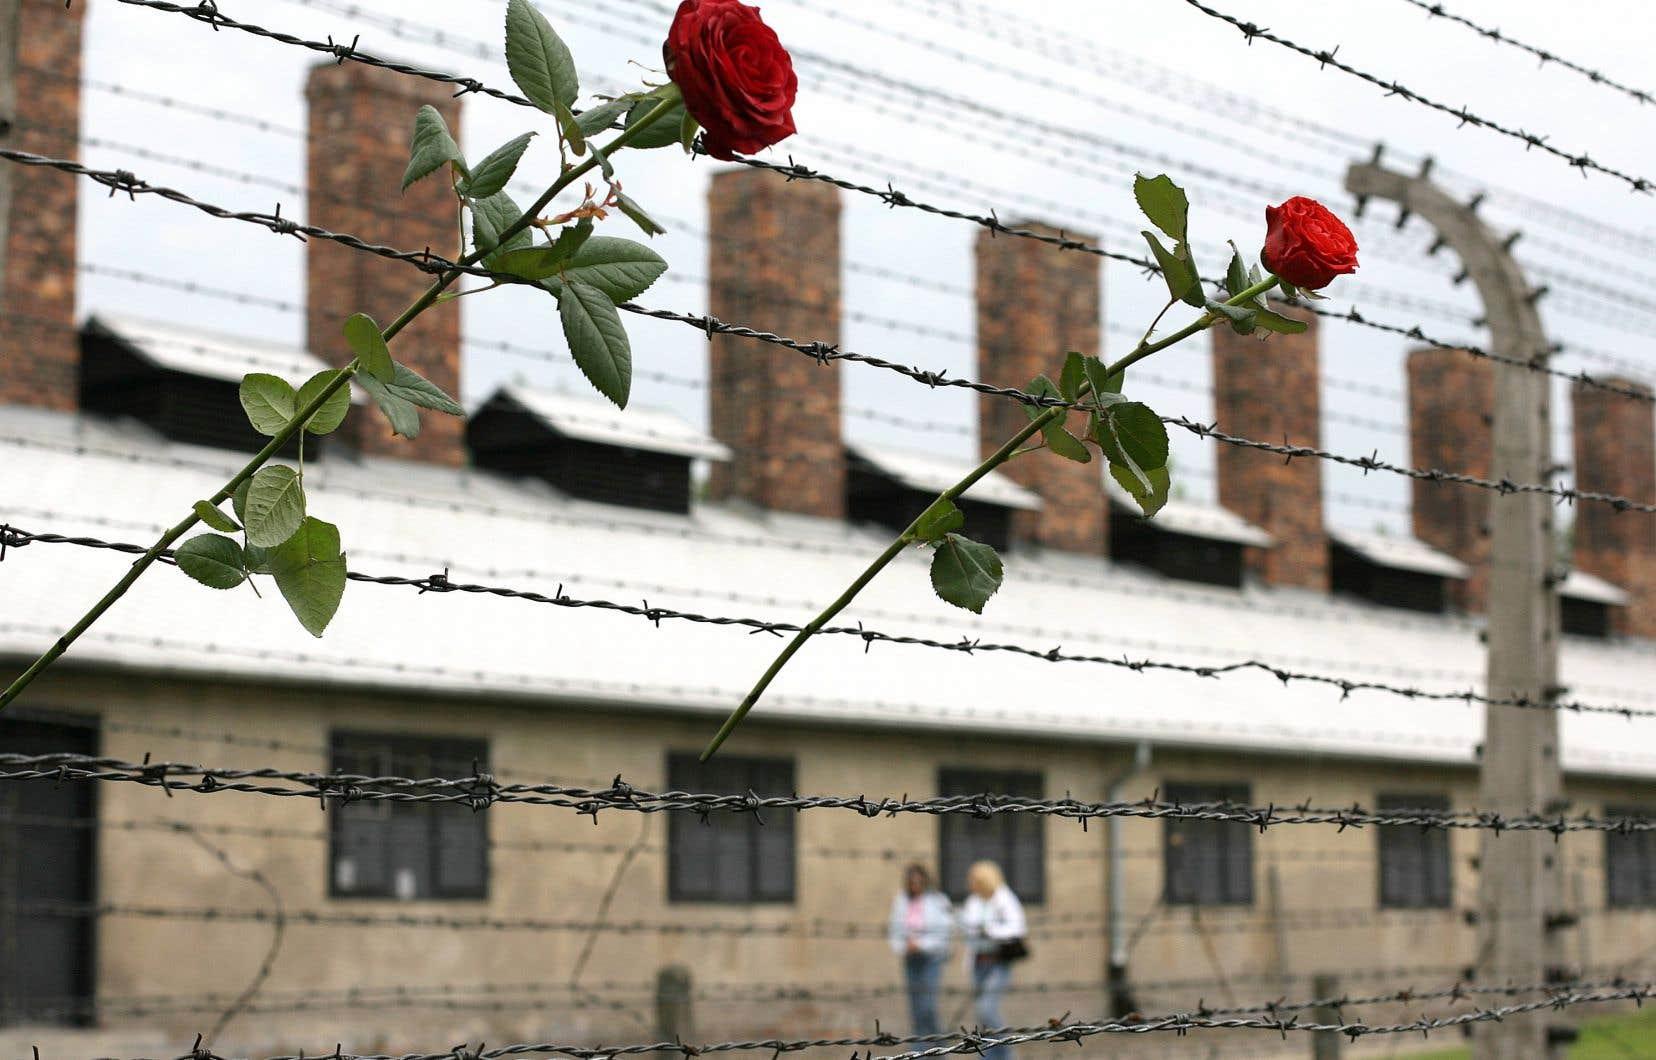 «Le 27 janvier, je me rendrai à Auschwitz pour honorer le courage de ma mère», écrit l'auteur.